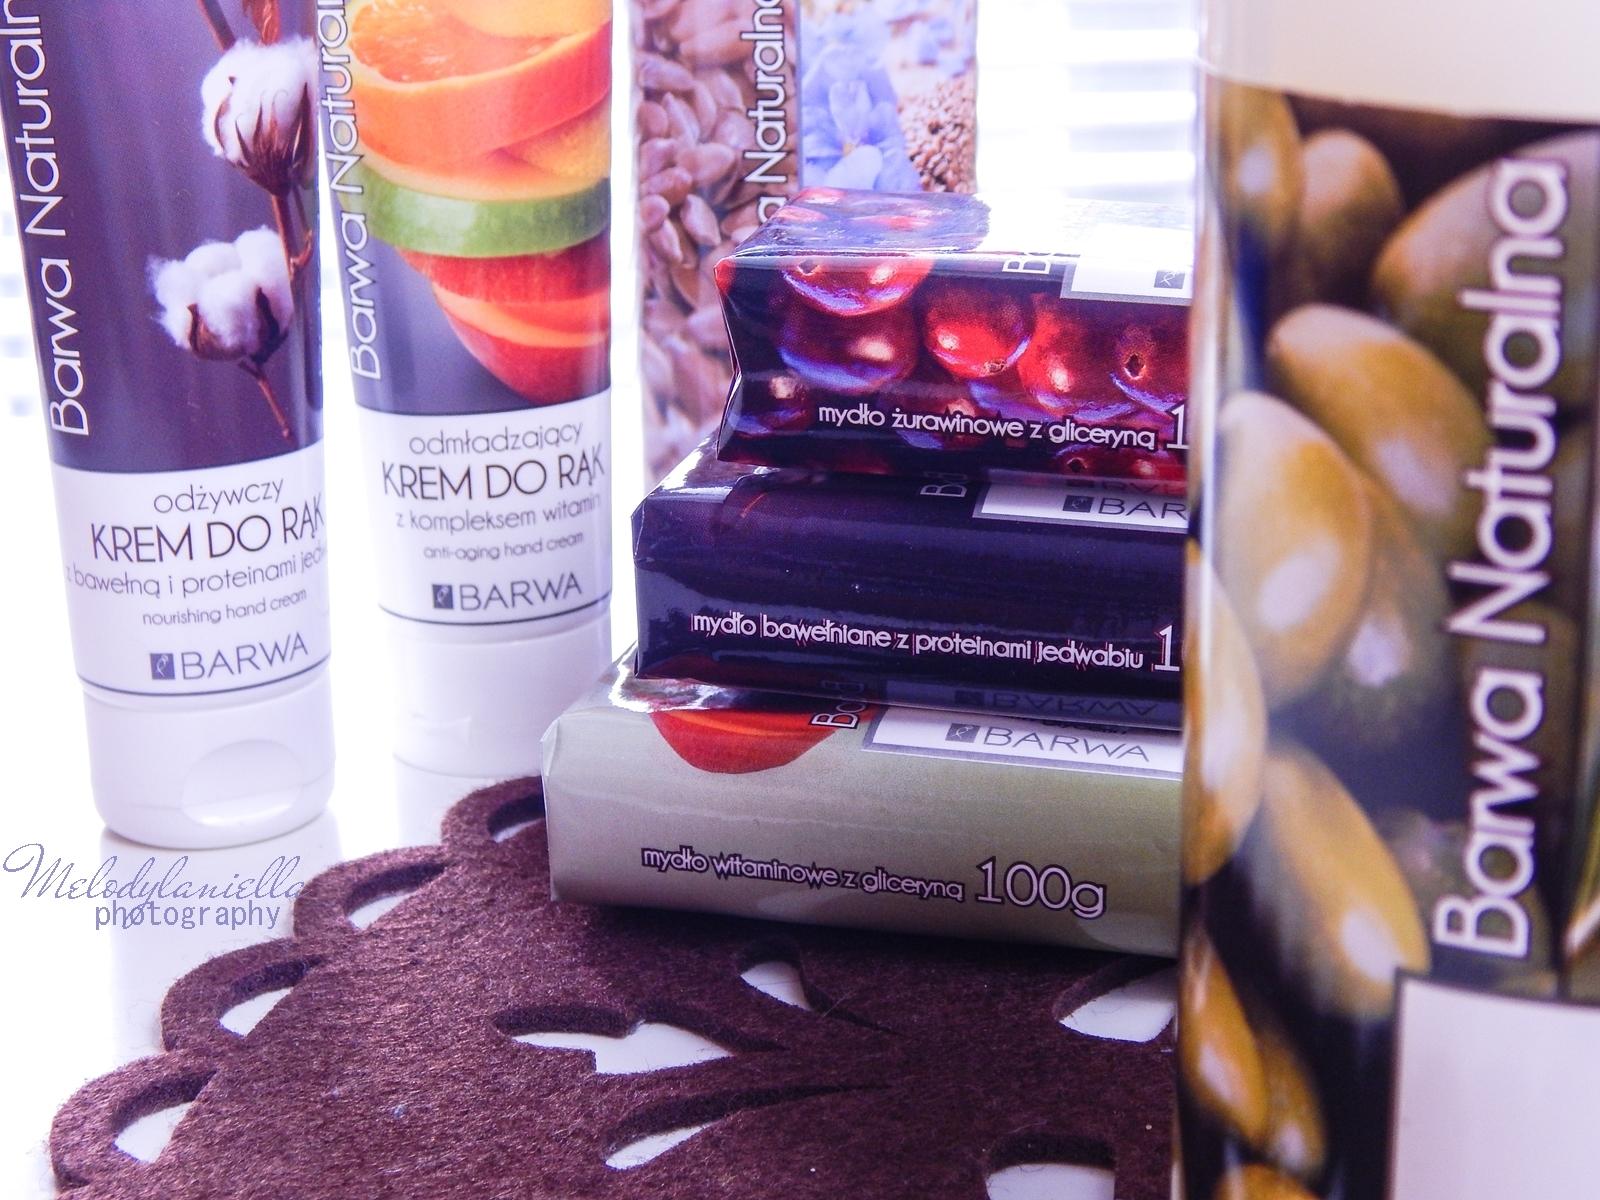 5 barwa naturalna kosmetyki mydła recenzja barwa mydło naturalne szampon naturalny mydło w płynie owoce natura hipoalergiczne kremy do rąk ekstrakt z bawełny